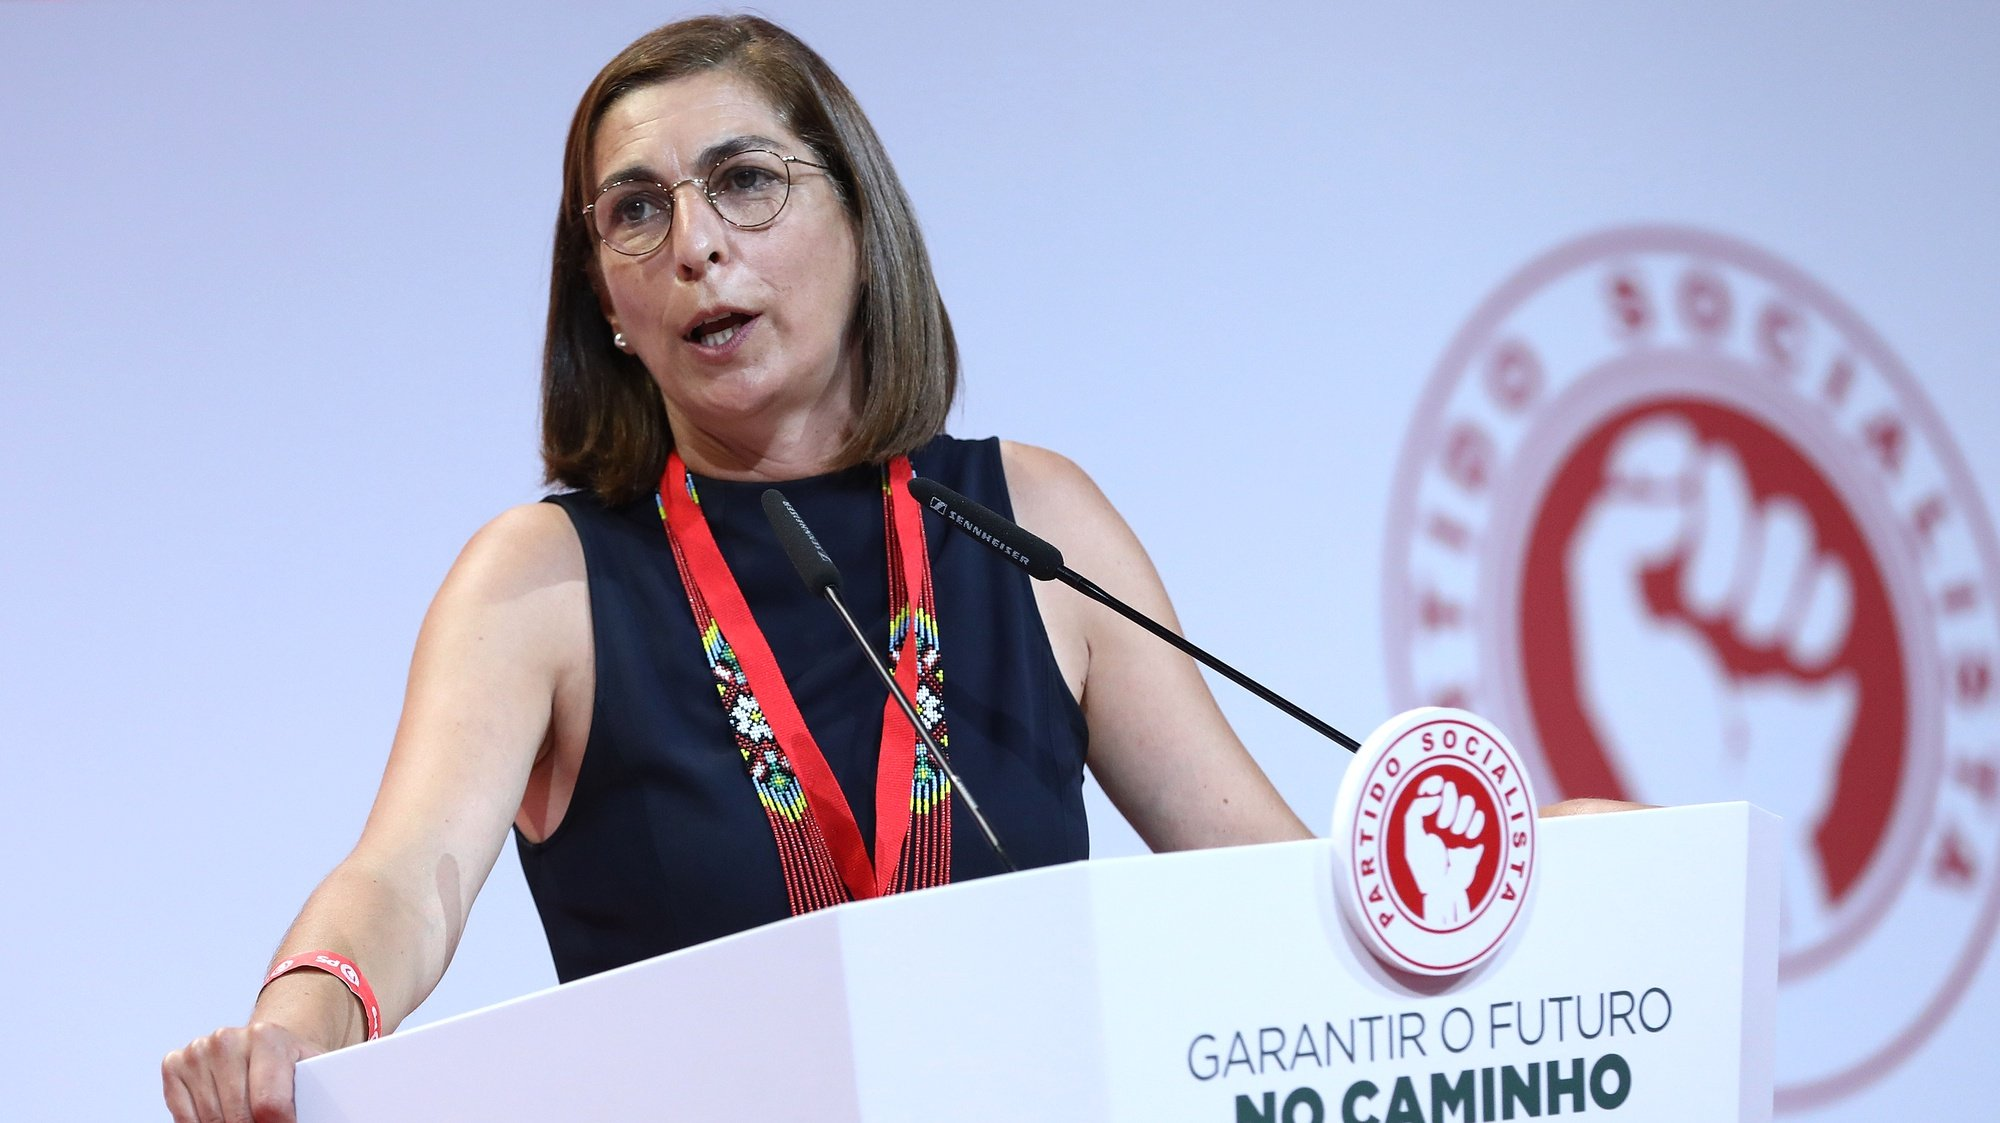 A líder parlamentar do Partido Socialista (PS), Ana Catarina Mendes, intervém durante o XXIII Congresso Nacional do Partido, em Portimão, 28 de agosto de 2021. ANTÓNIO PEDRO SANTOS/LUSA